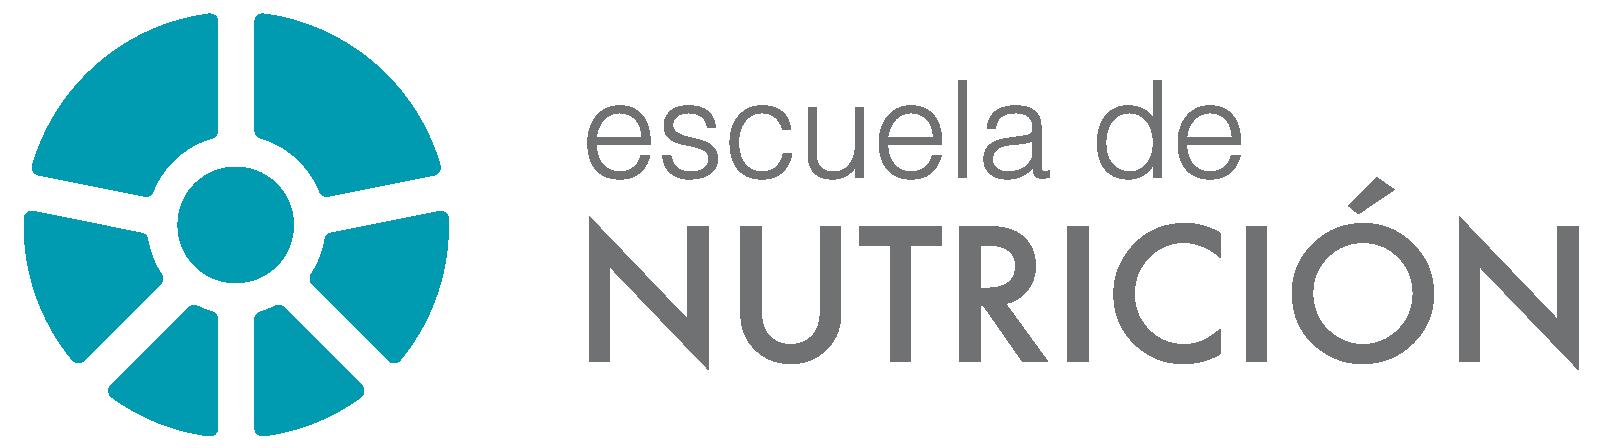 Escuela de Nutrición